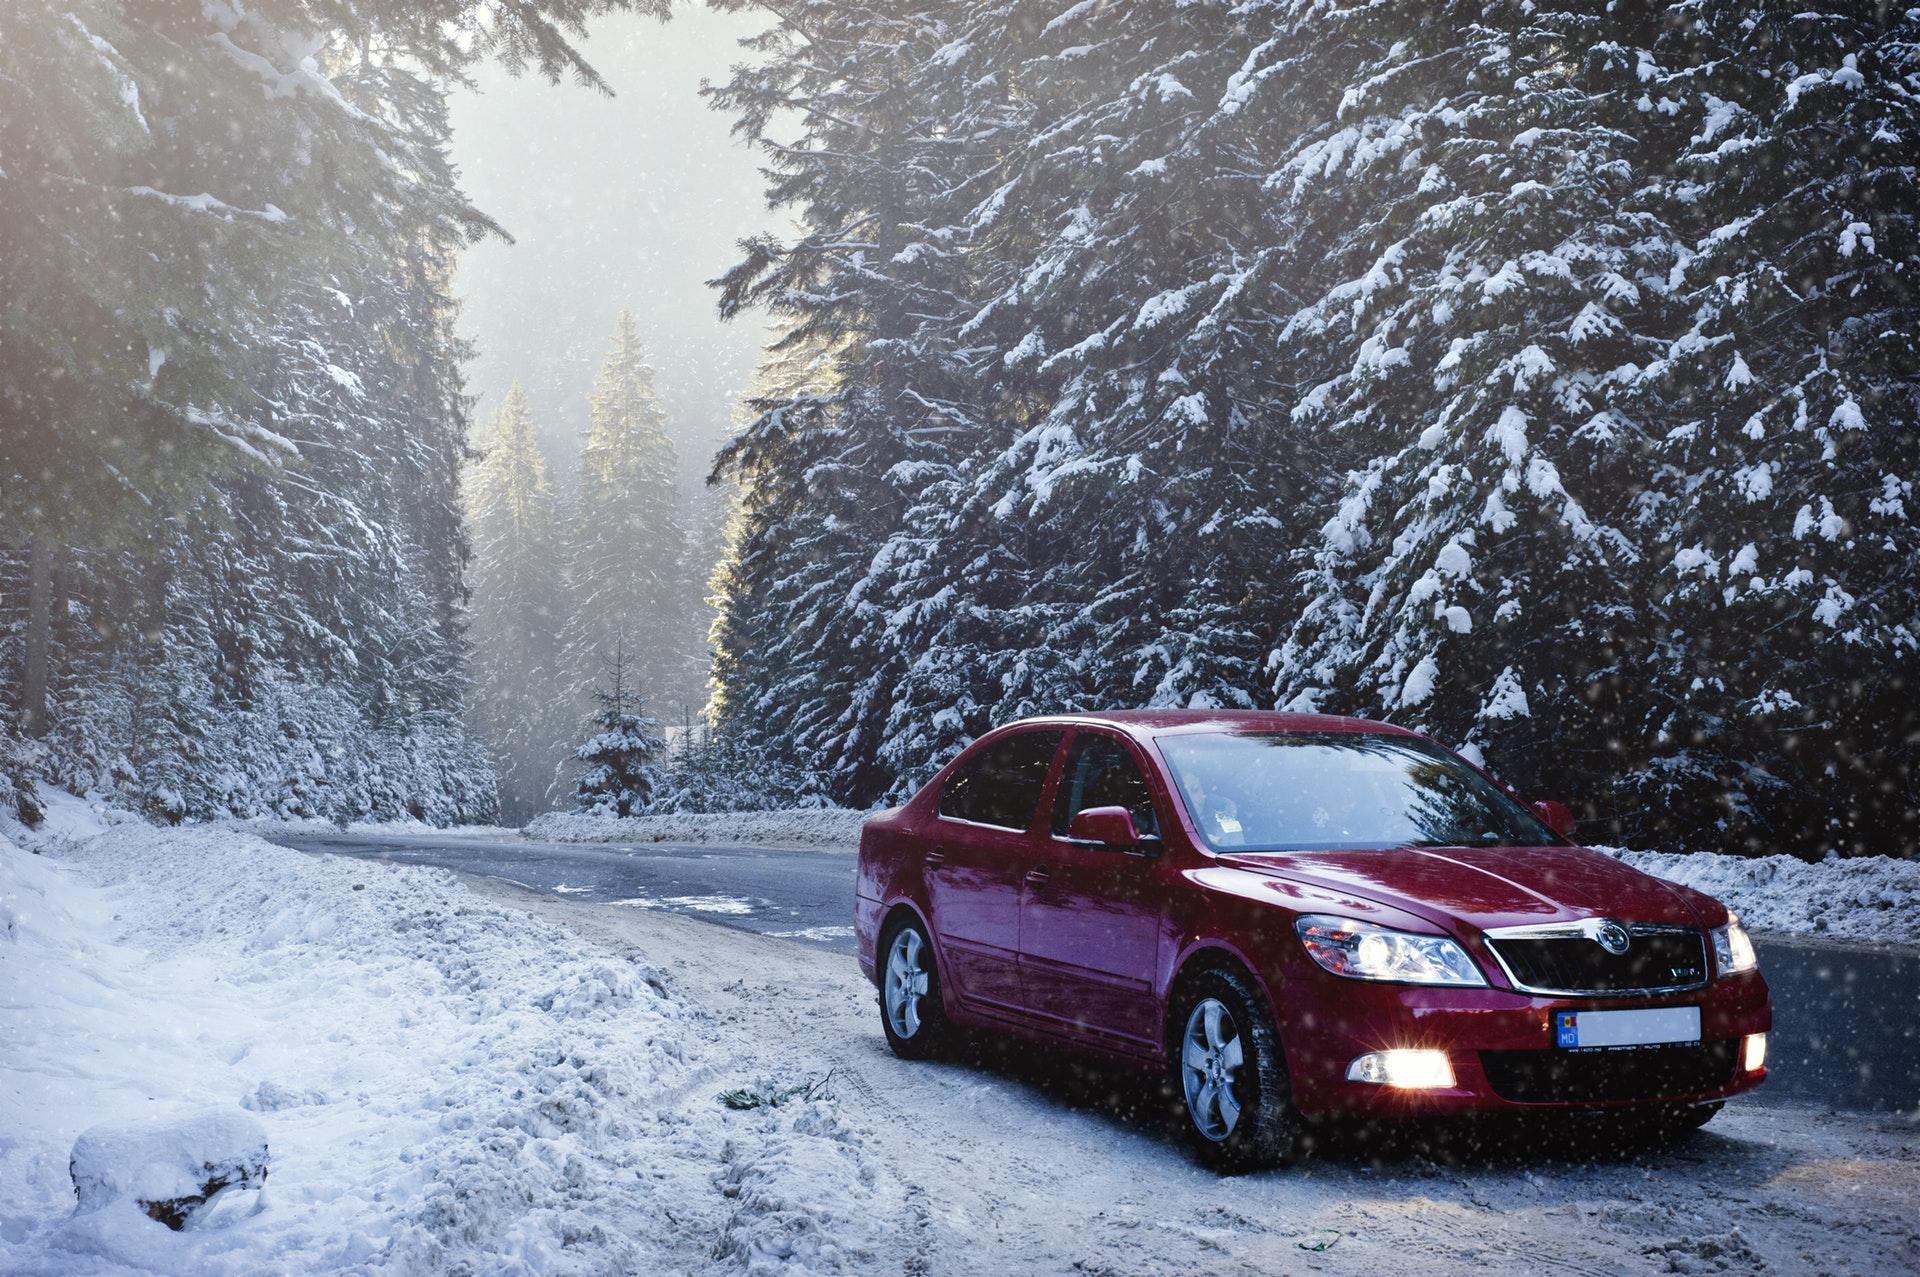 Guida in inverno, qualche consiglio utile